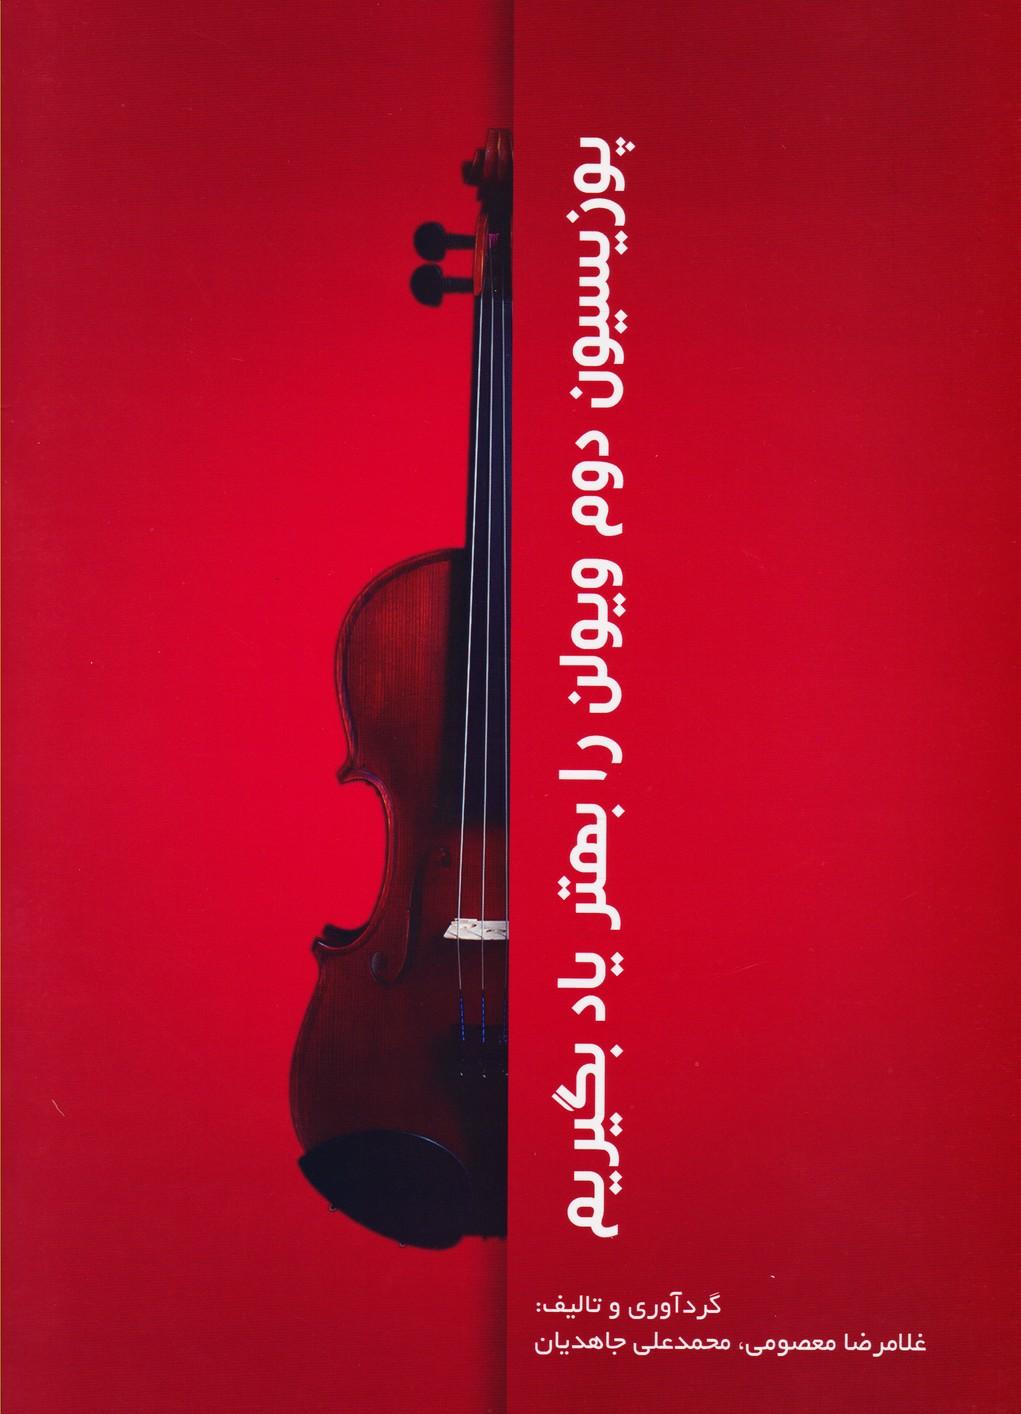 پوزیسیون دوم ویولن را بهتر یاد بگیریم